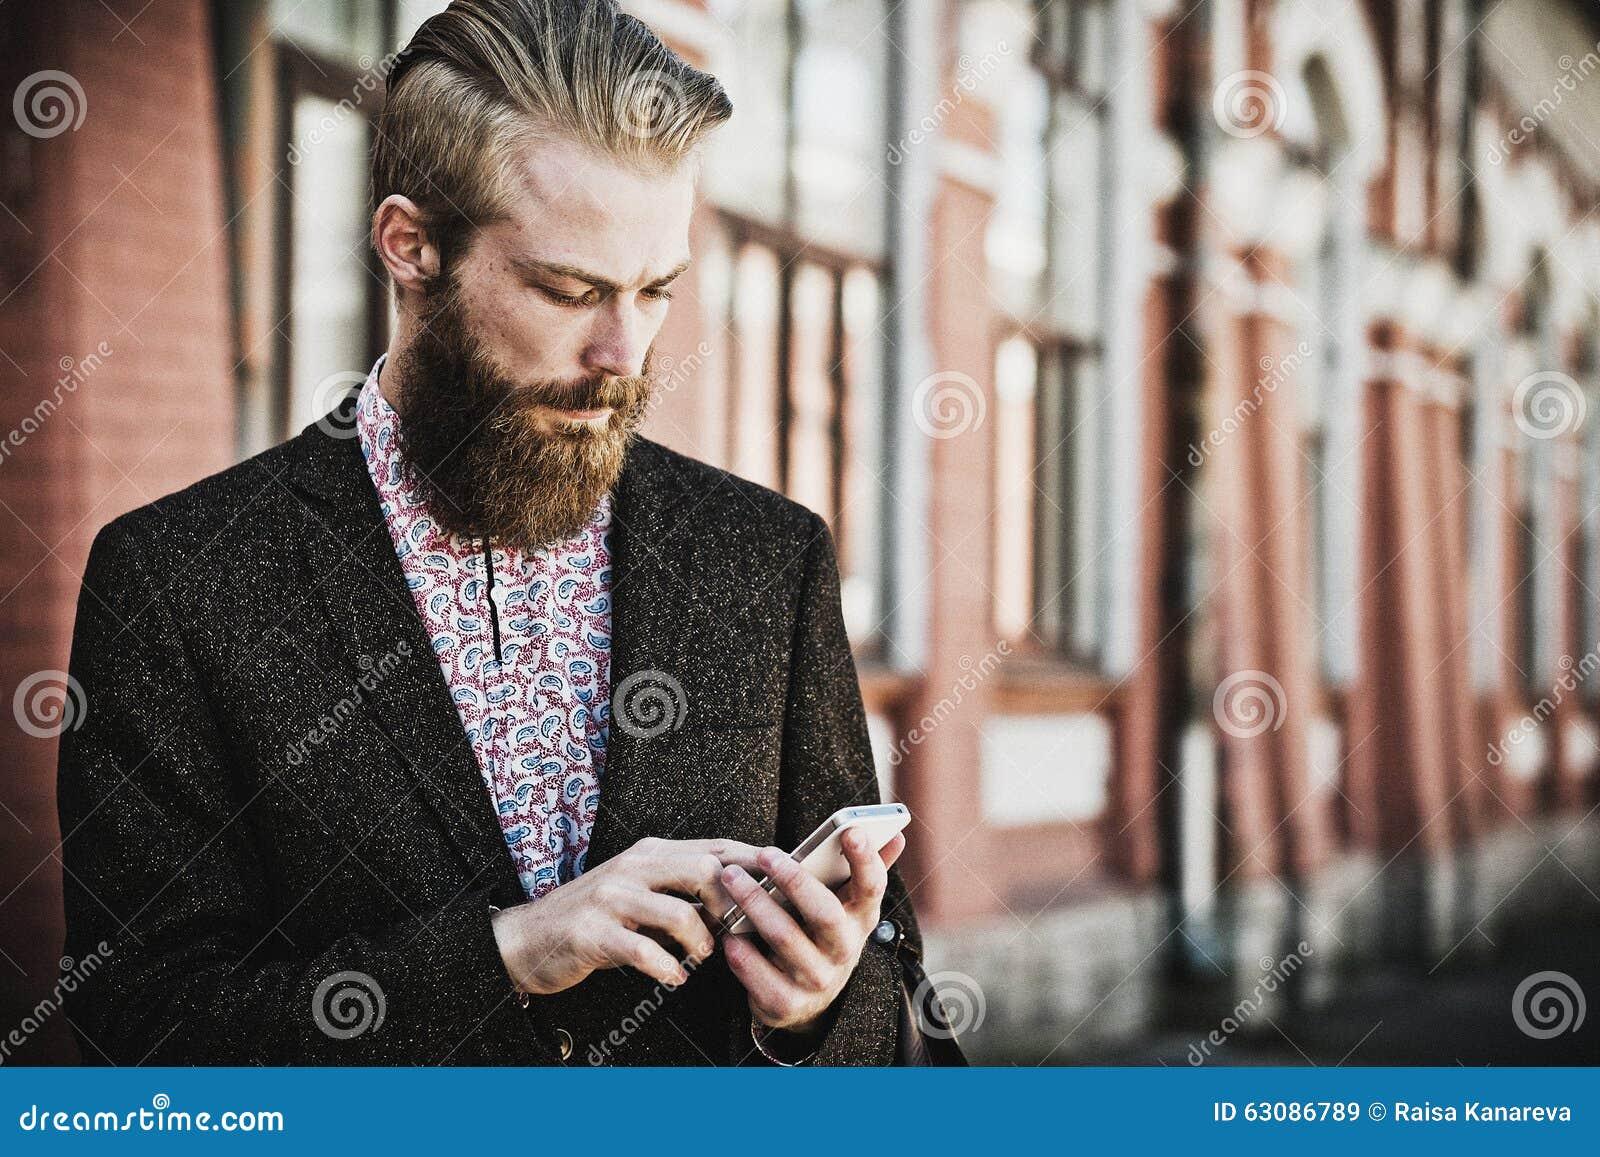 Download Jeune Homme Barbu Avec Le Mobile, Extérieur Image stock - Image du mignon, attrayant: 63086789